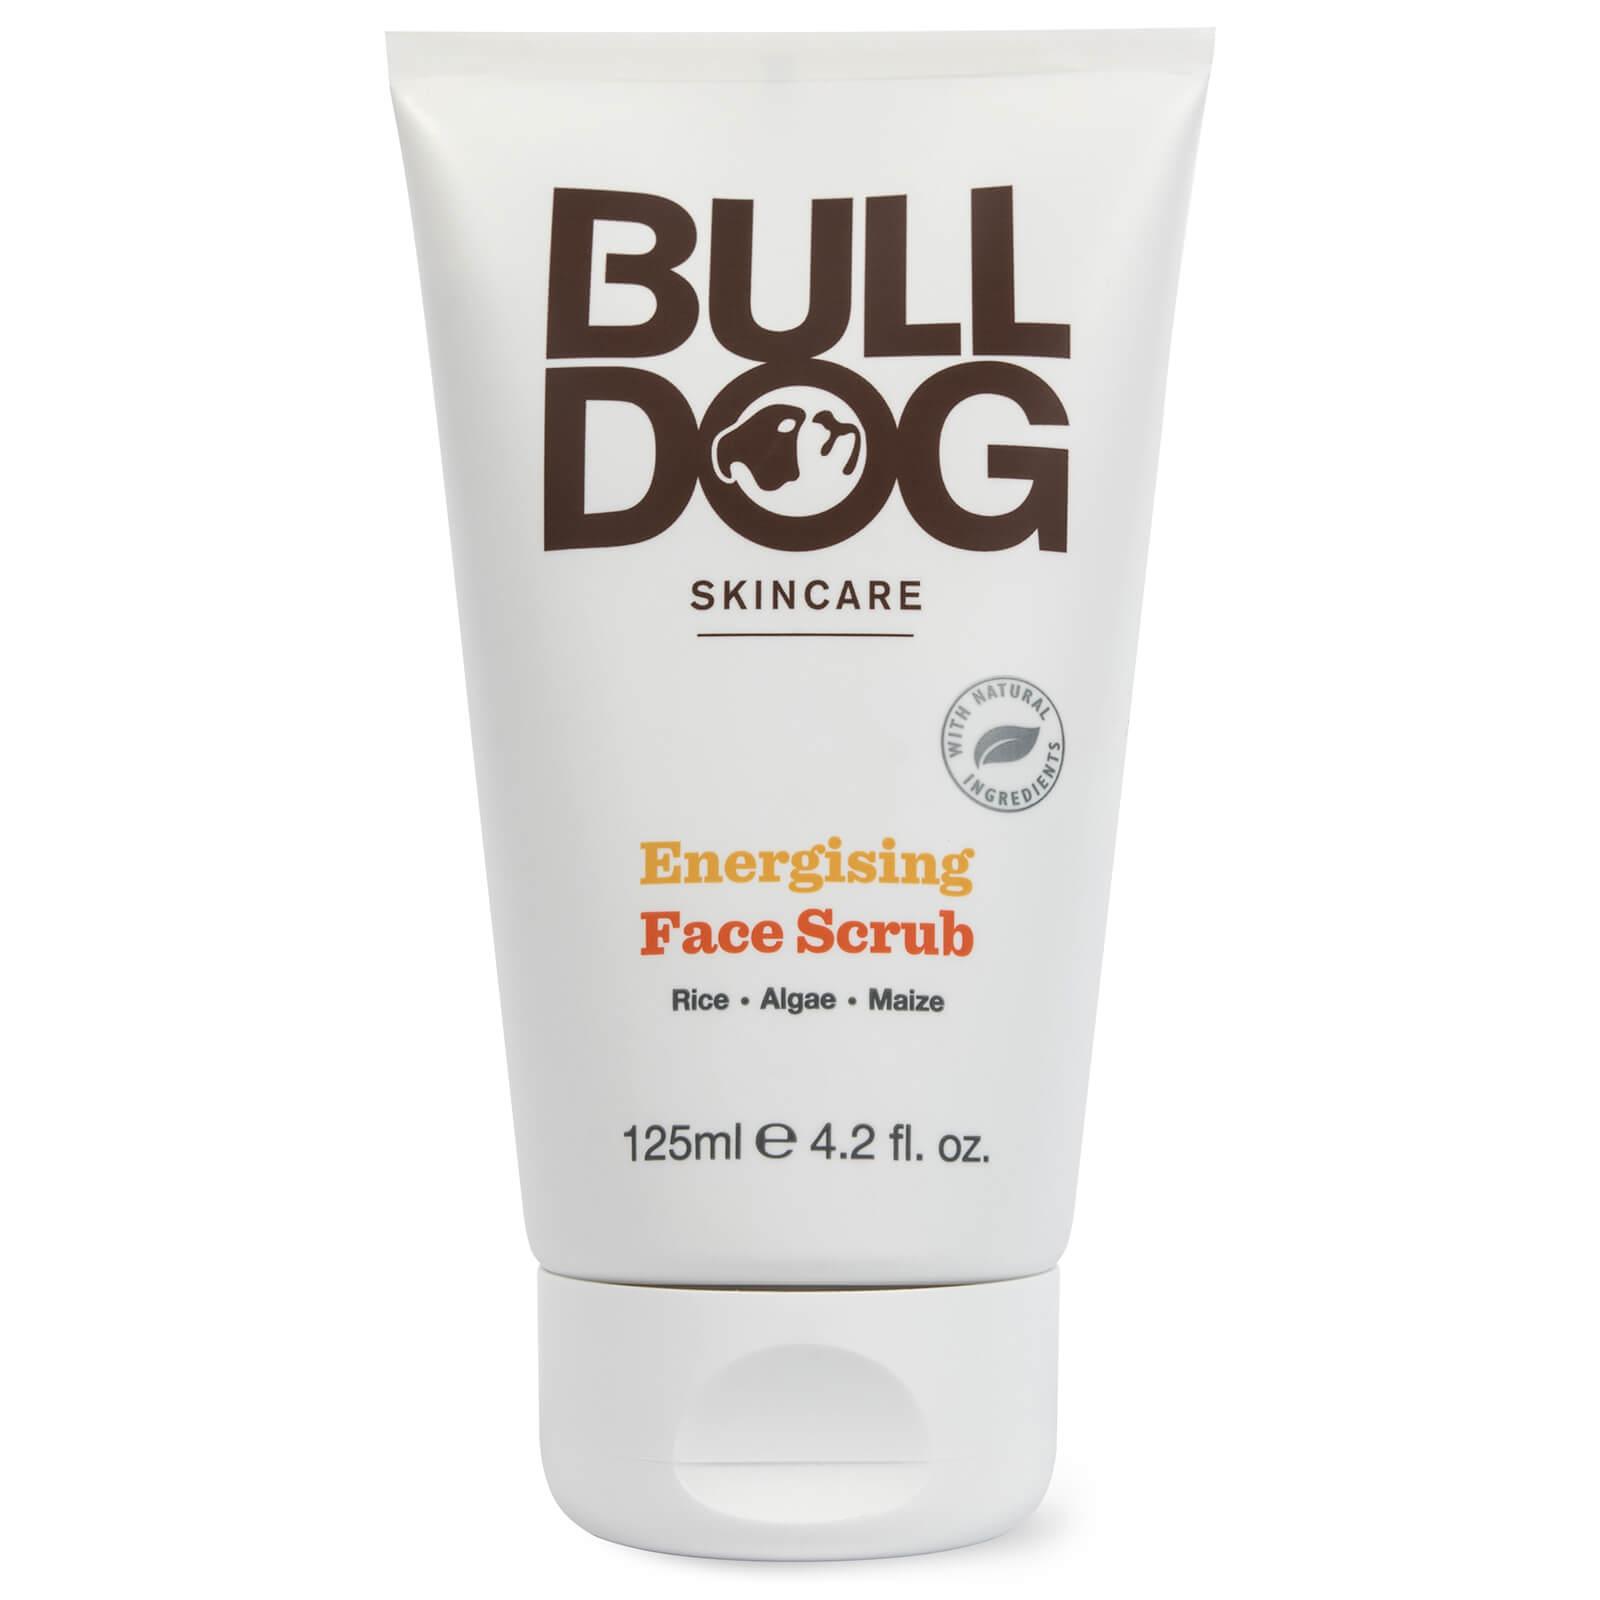 Купить Bulldog Energising Face Scrub 125ml